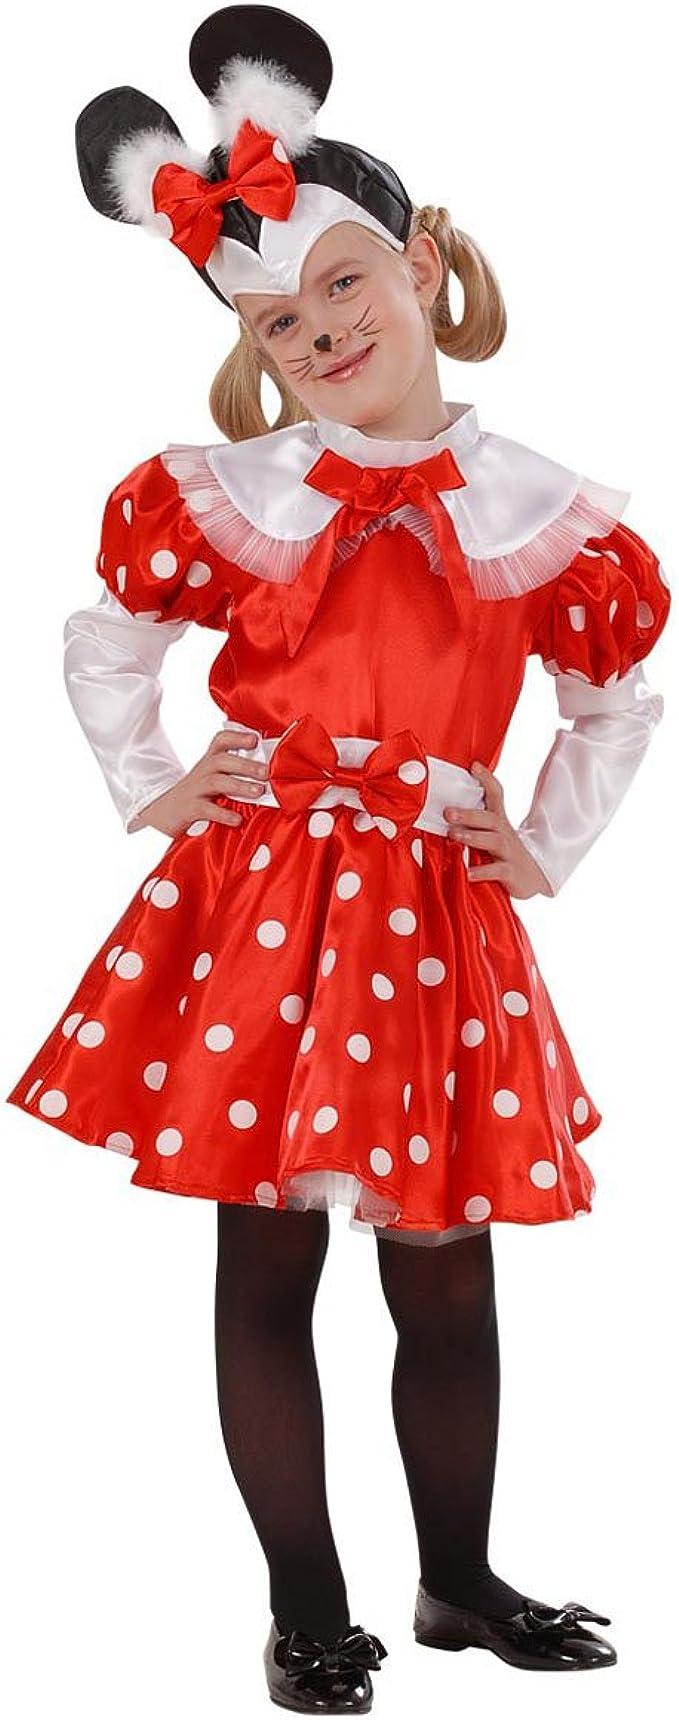 Disfraz Carnaval Bimba, Minnie Mouse, 22717: Amazon.es: Ropa y ...